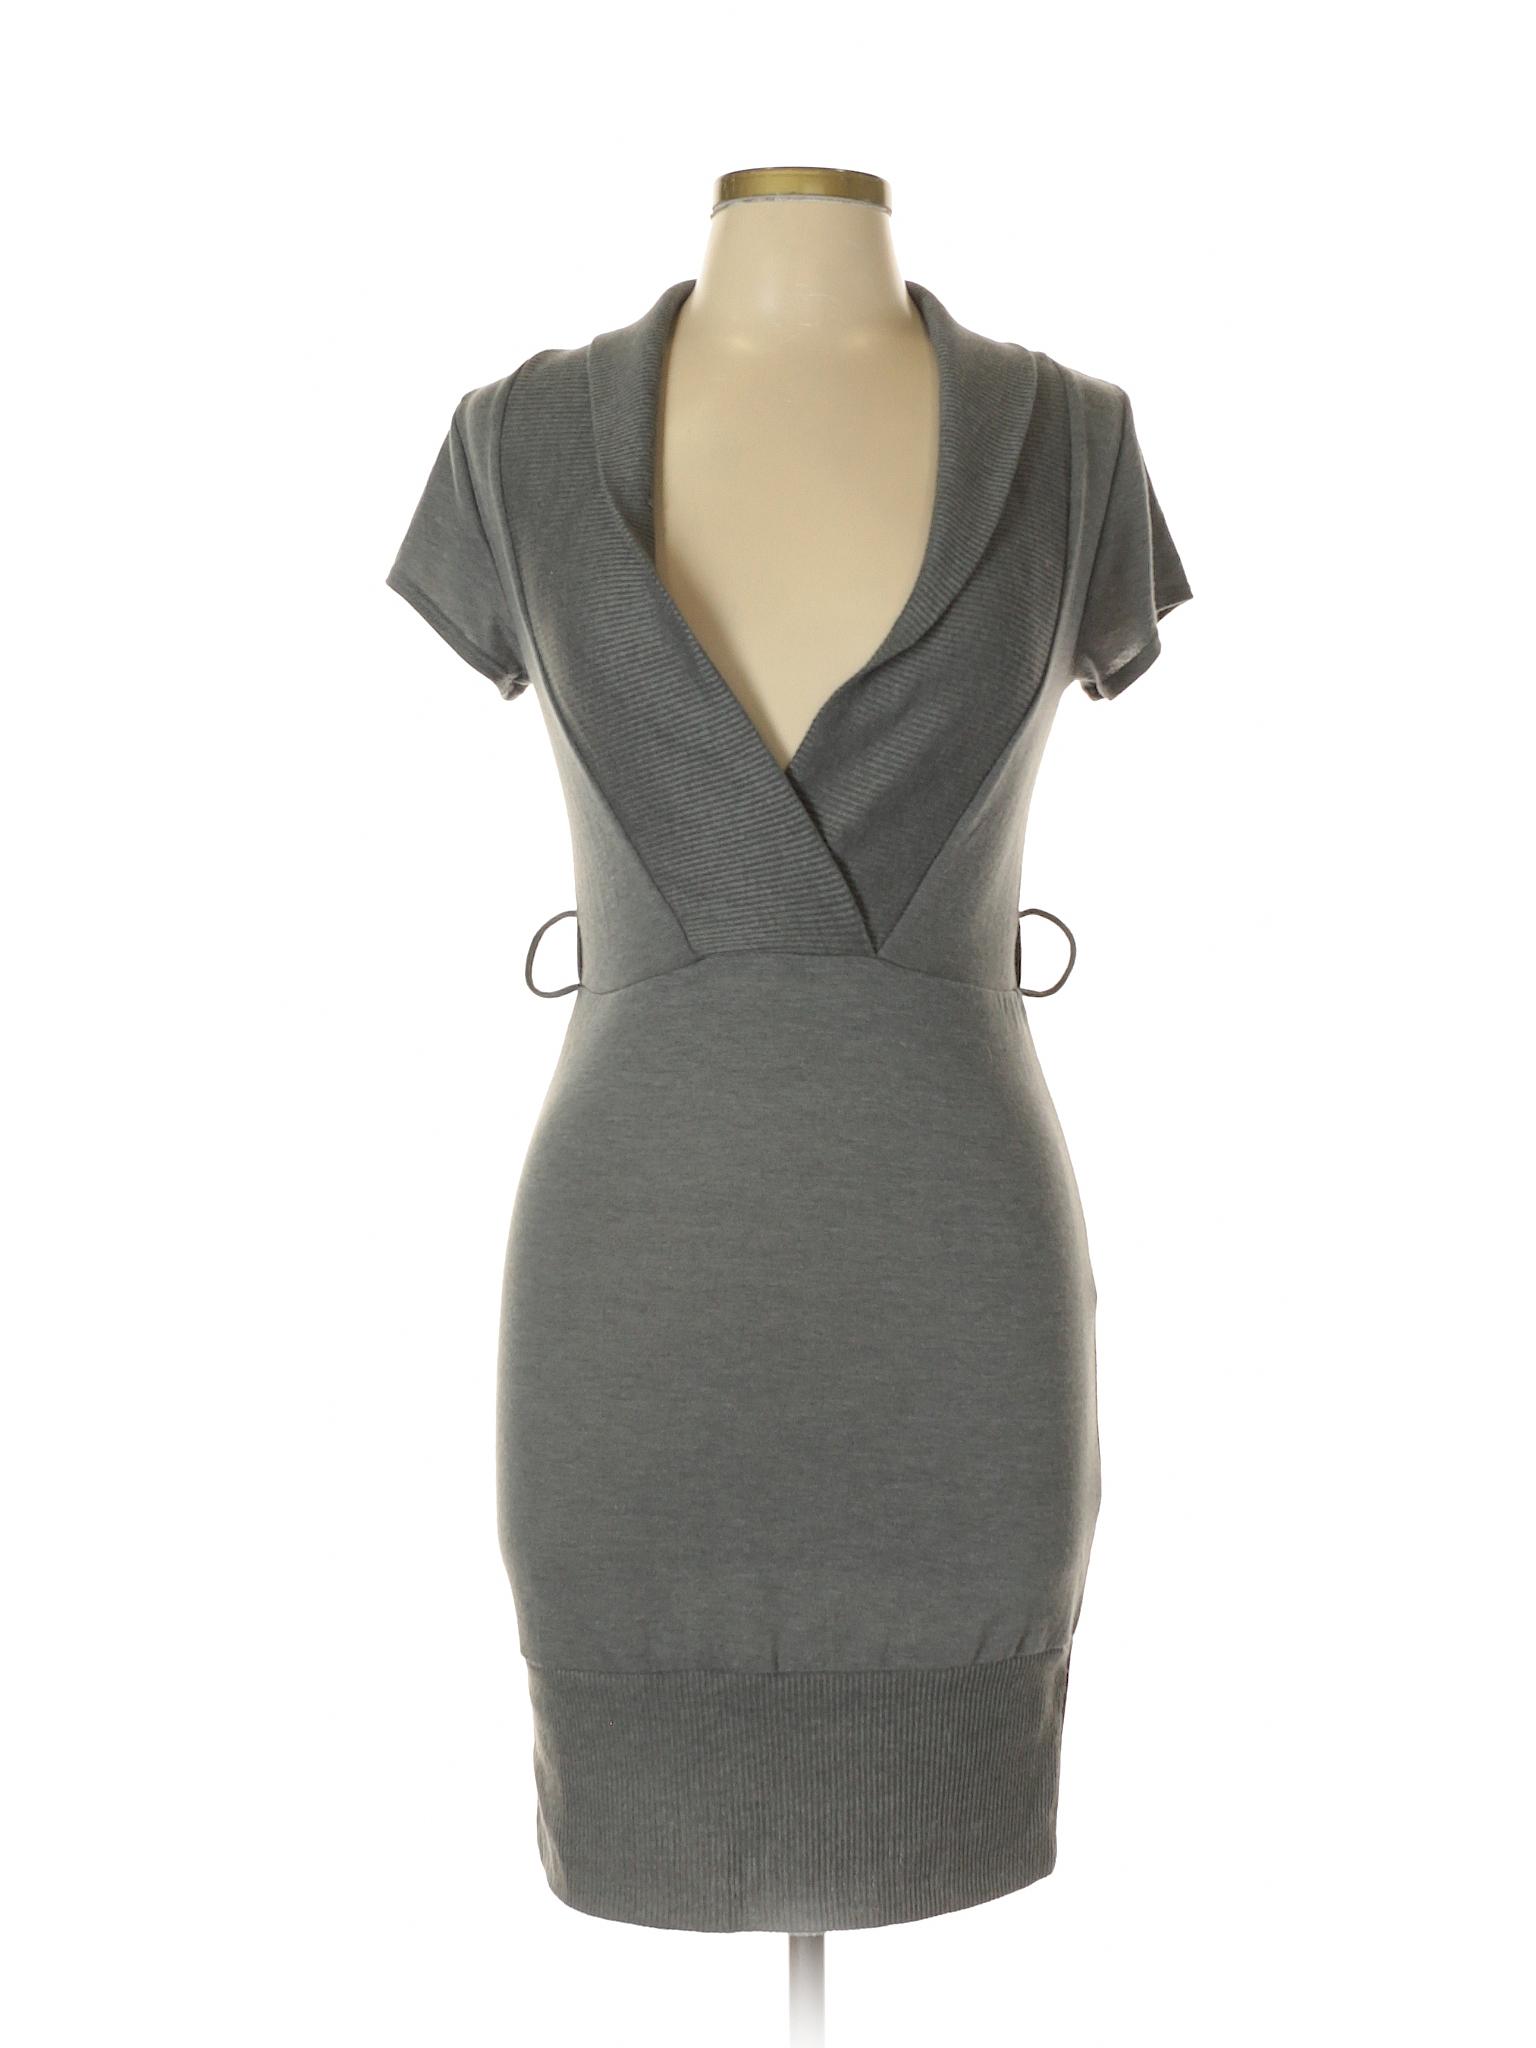 Dress Delirious Boutique Casual Angeles Los Winter Love gwxq0Y